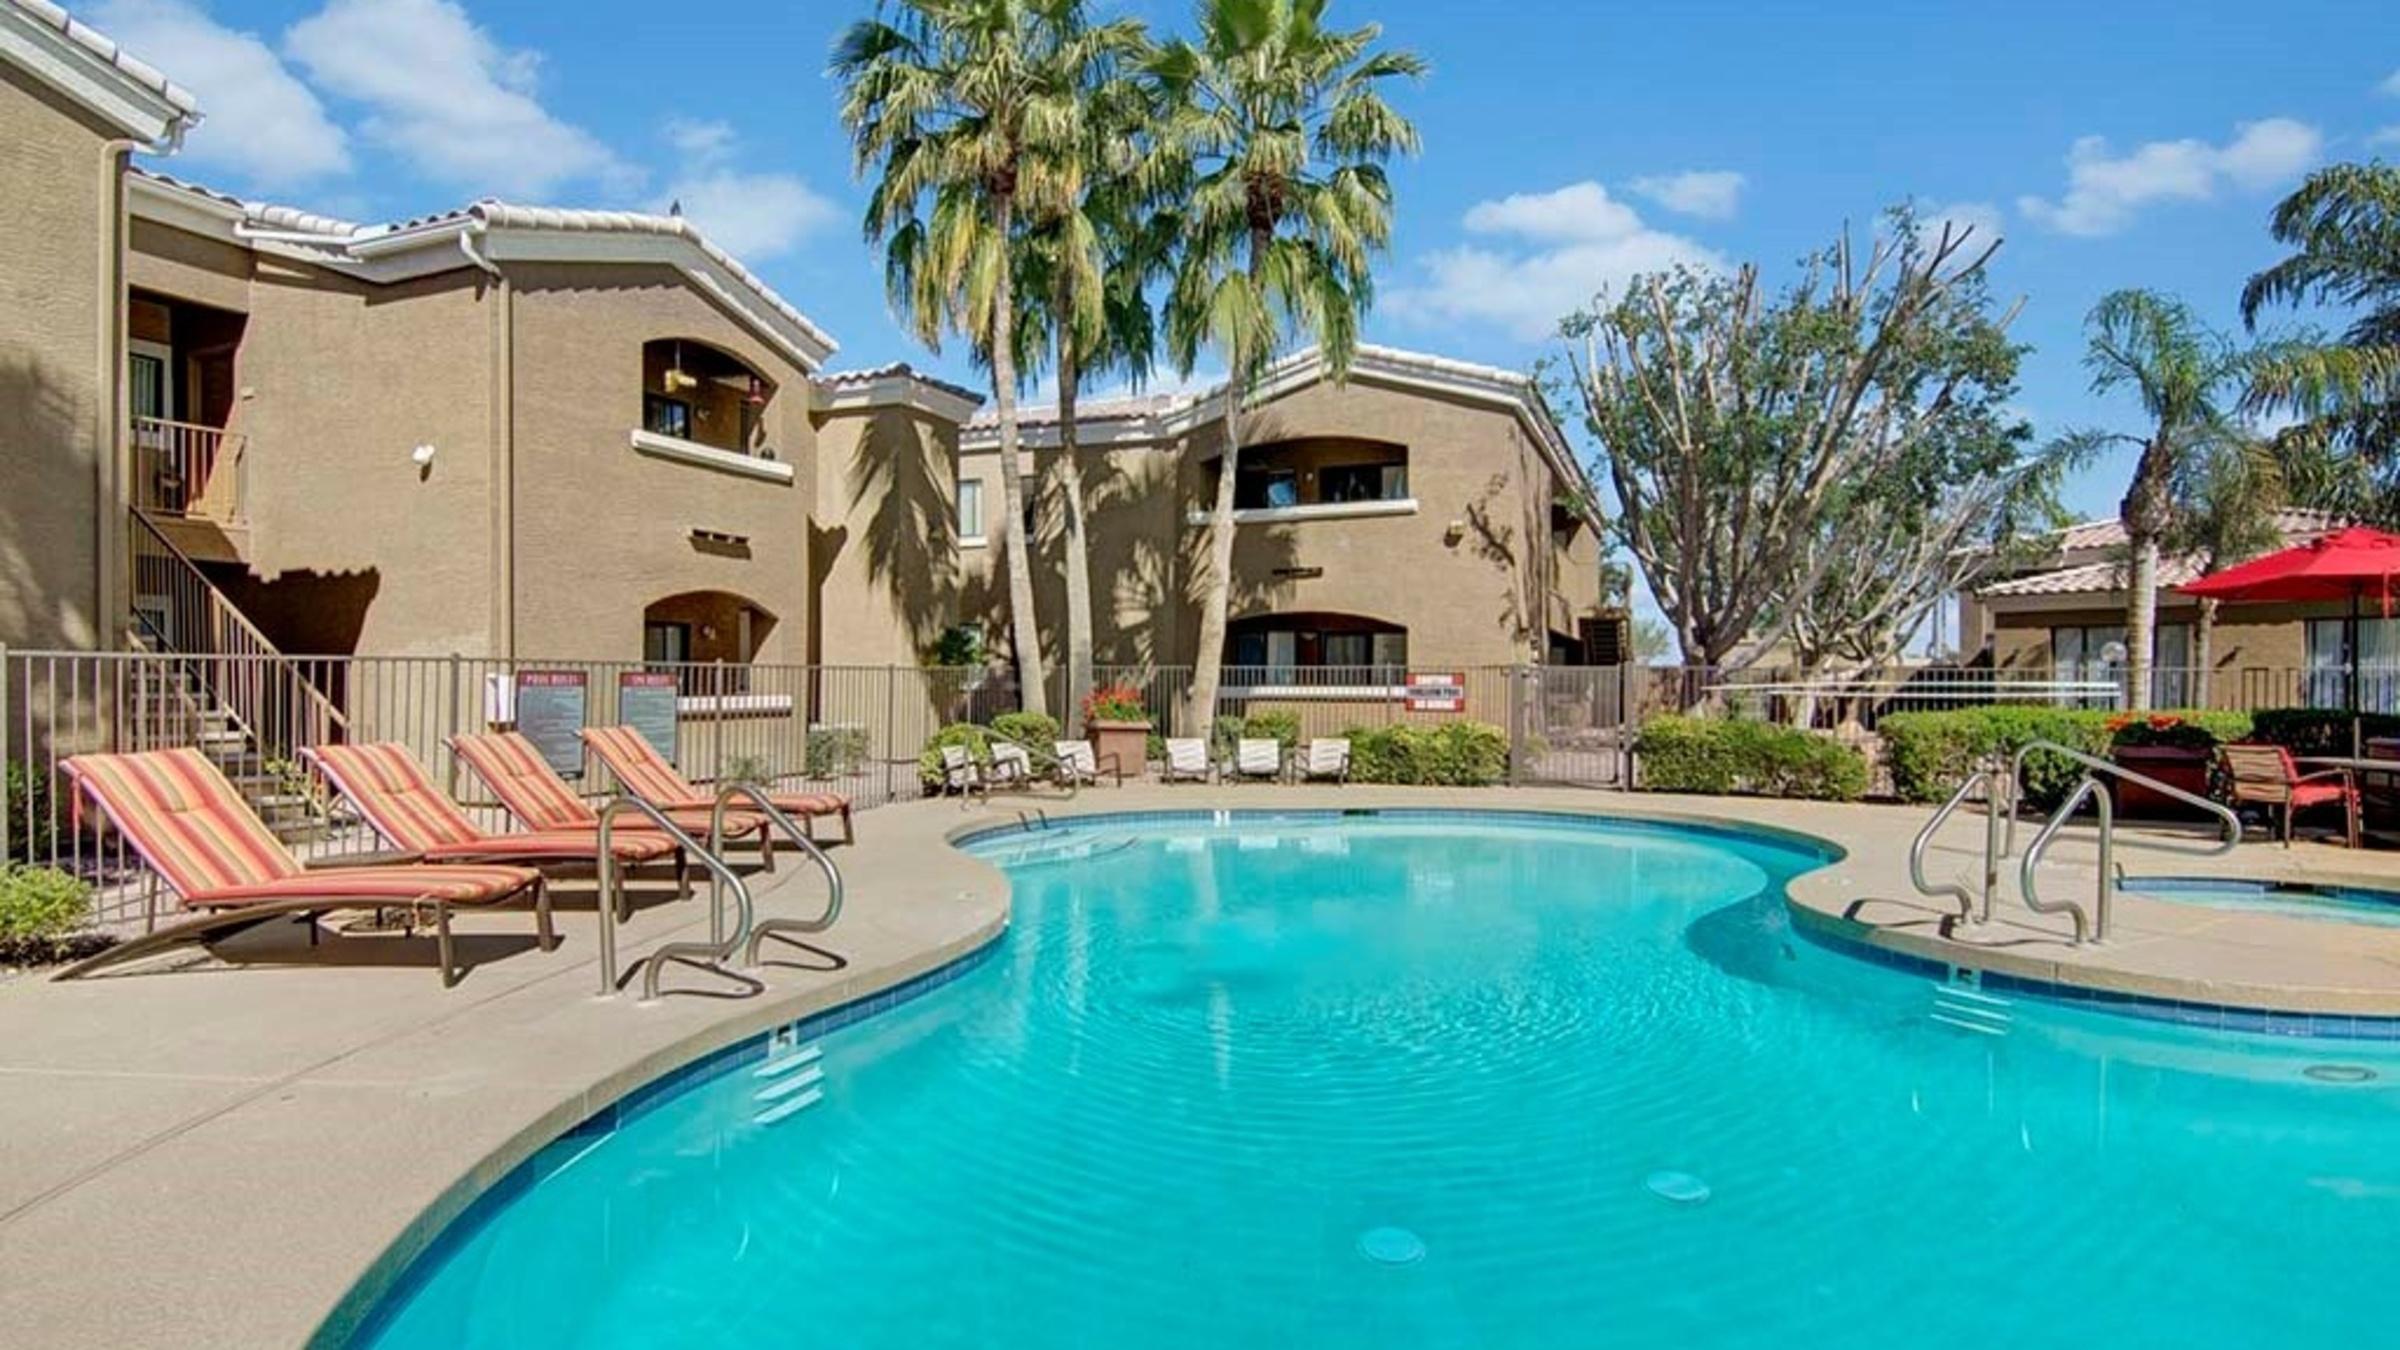 Pala Mesa Apartments 195